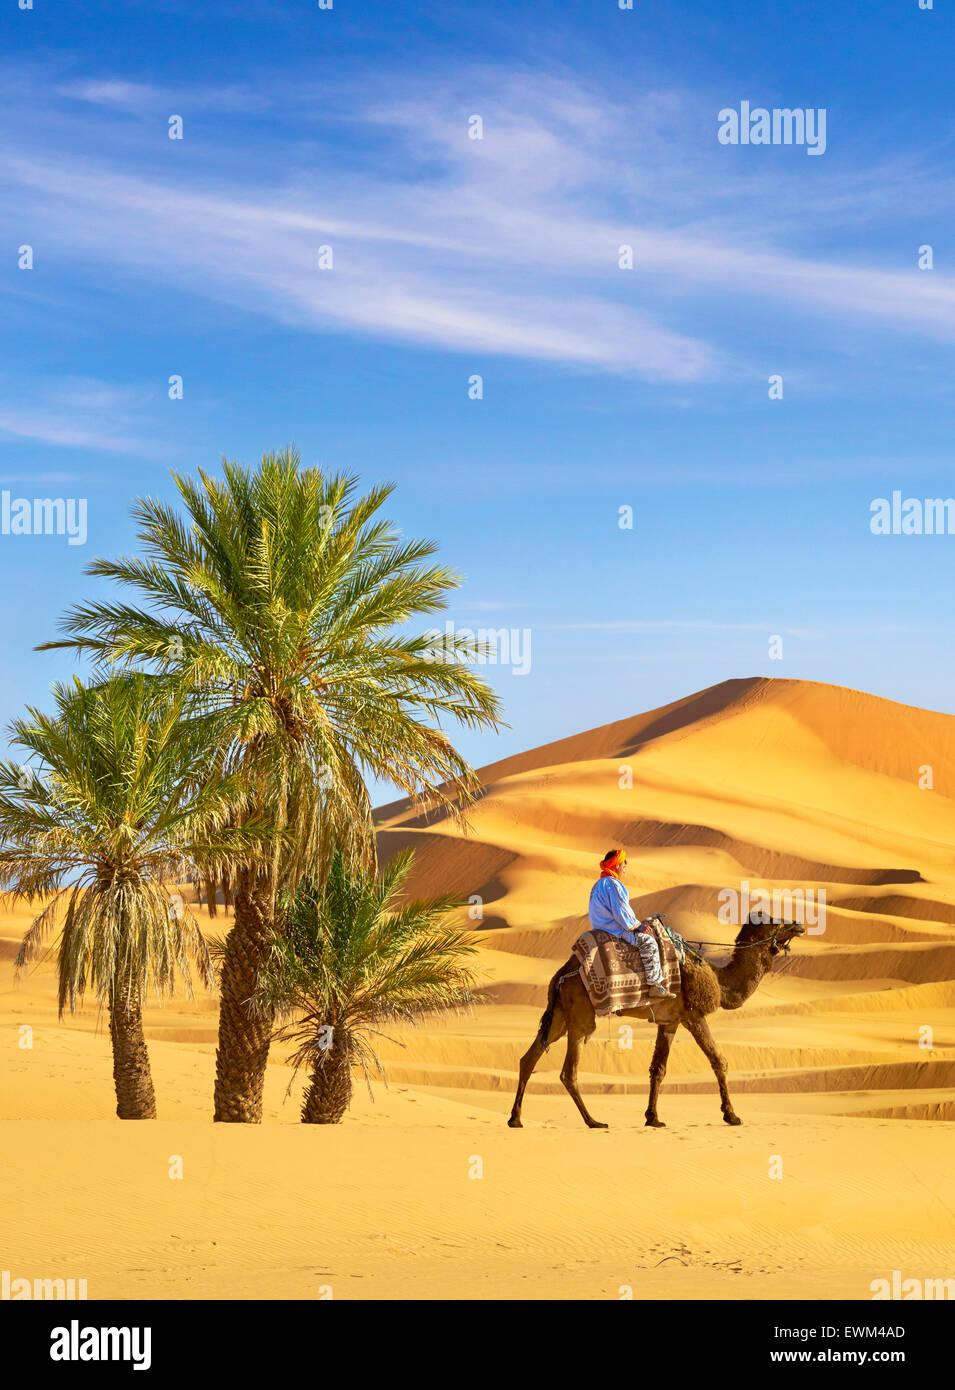 Homme berbère monter sur le chameau, le désert de l'Erg Chebbi près de Merzouga, Sahara, Maroc Photo Stock